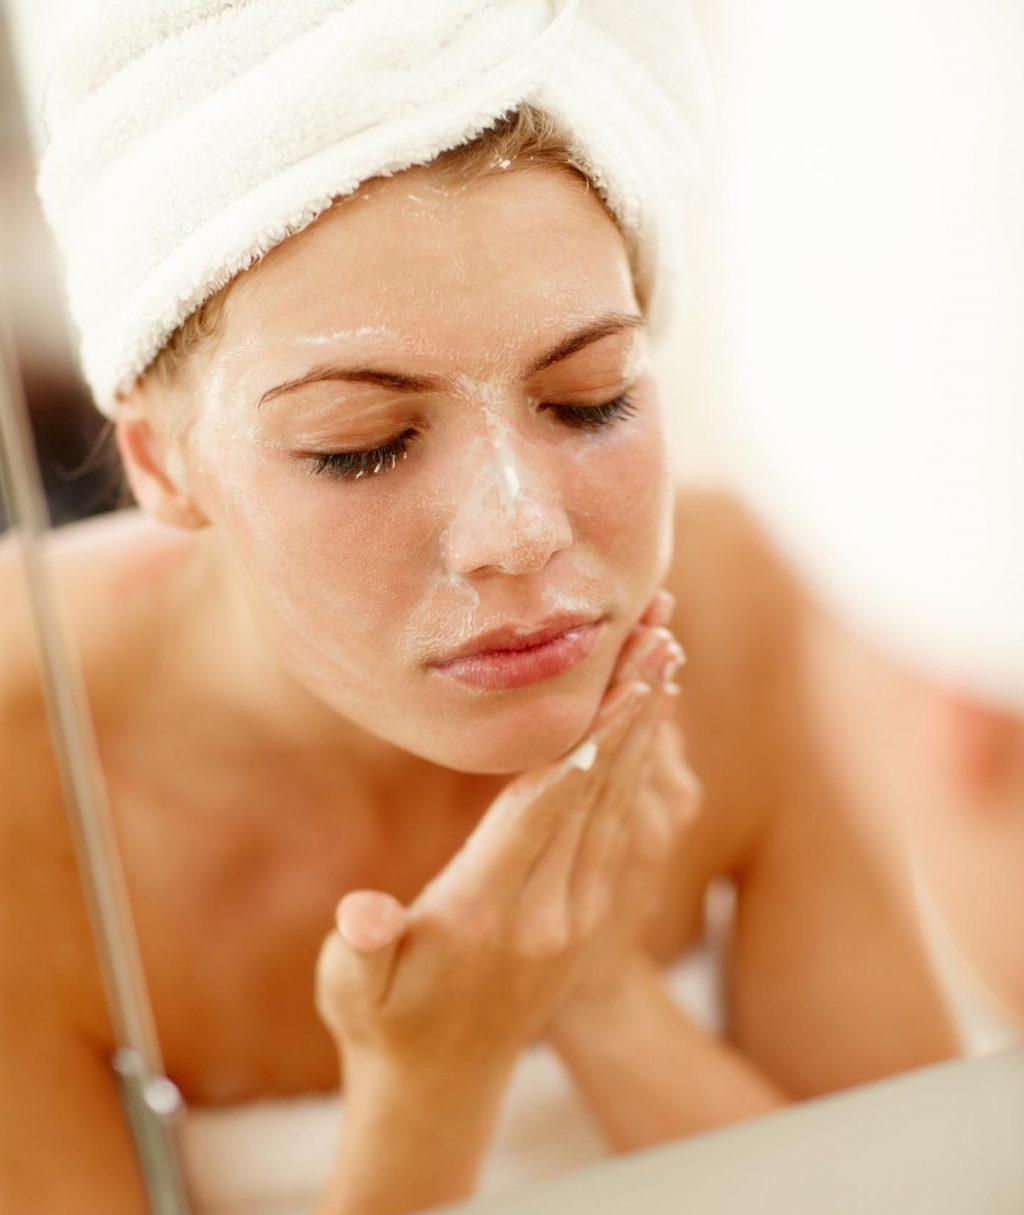 Cách chăm sóc da của người Pháp